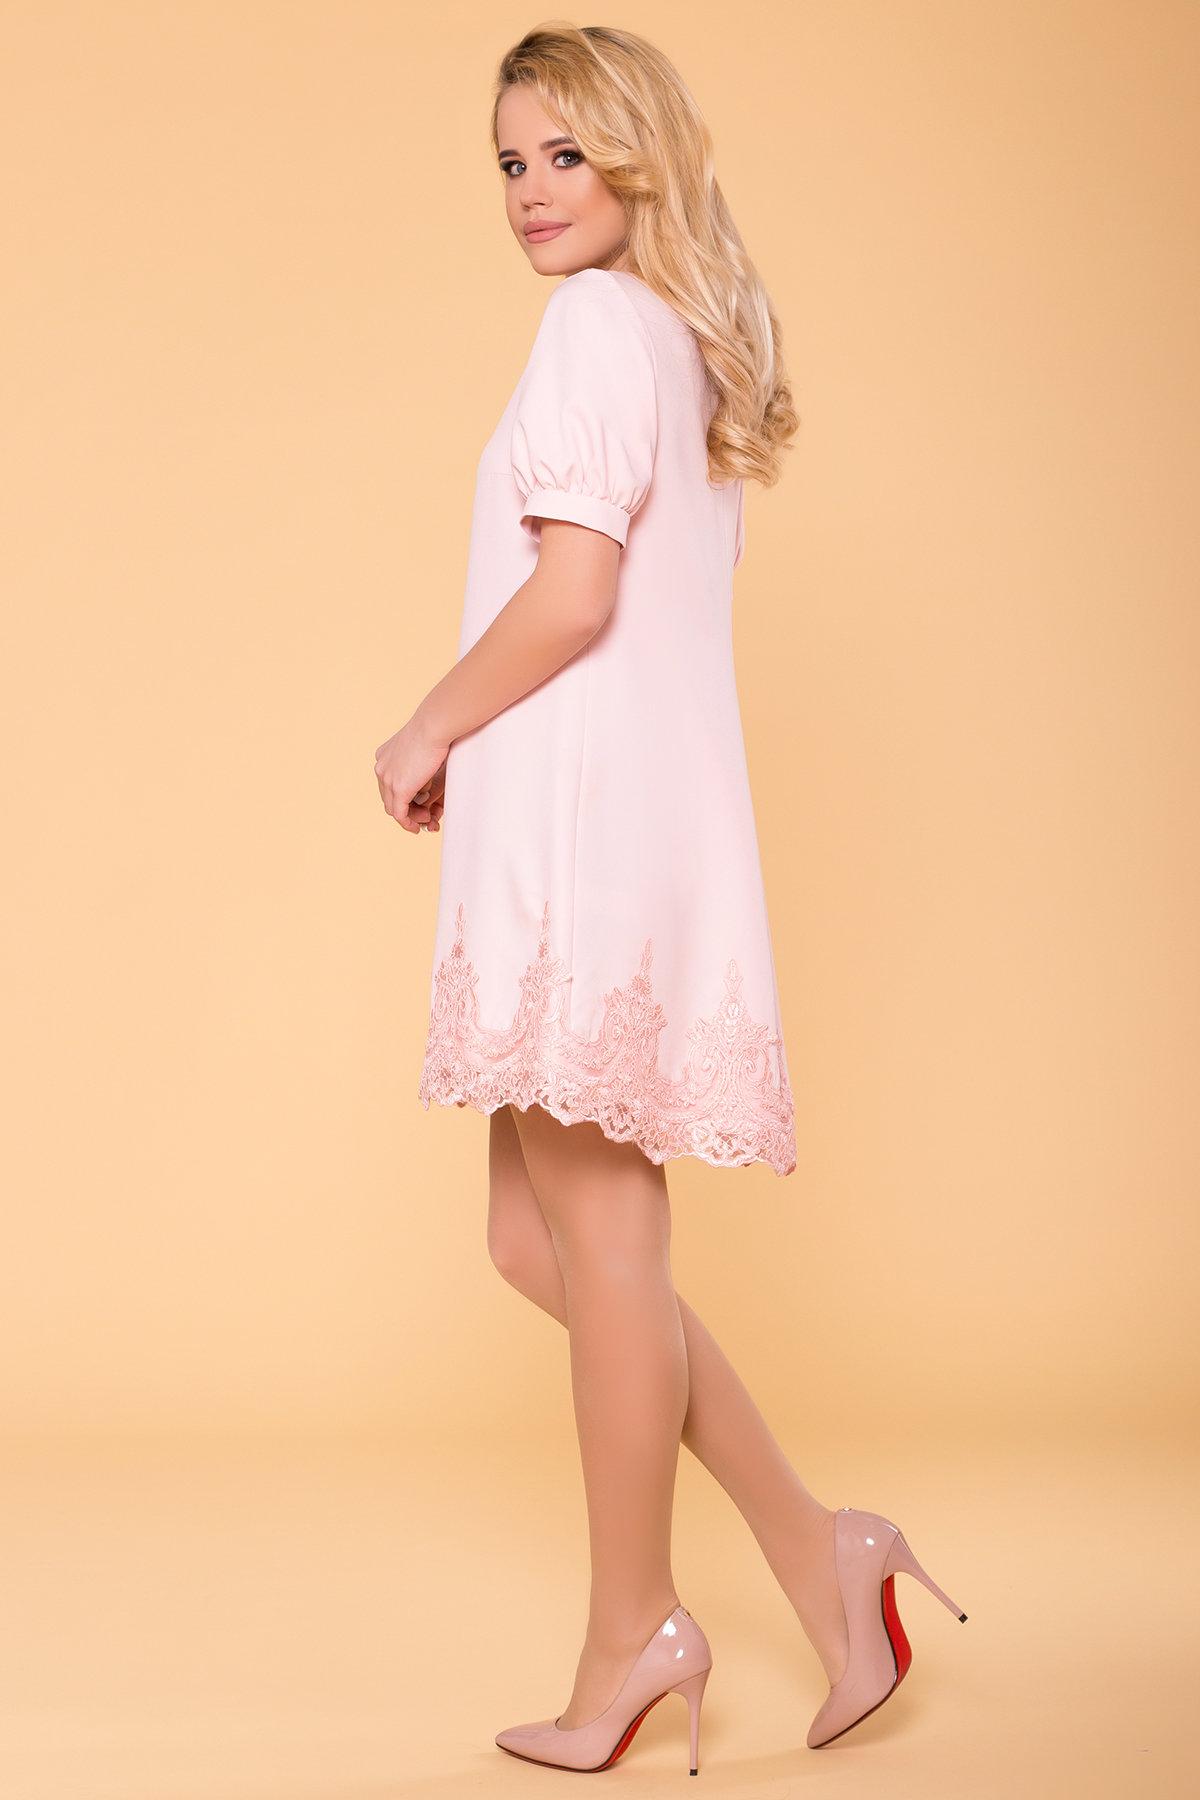 Однотонное платье с рукавом фонарик Лера 6433 АРТ. 41927 Цвет: Пудра светлая 11 - фото 2, интернет магазин tm-modus.ru